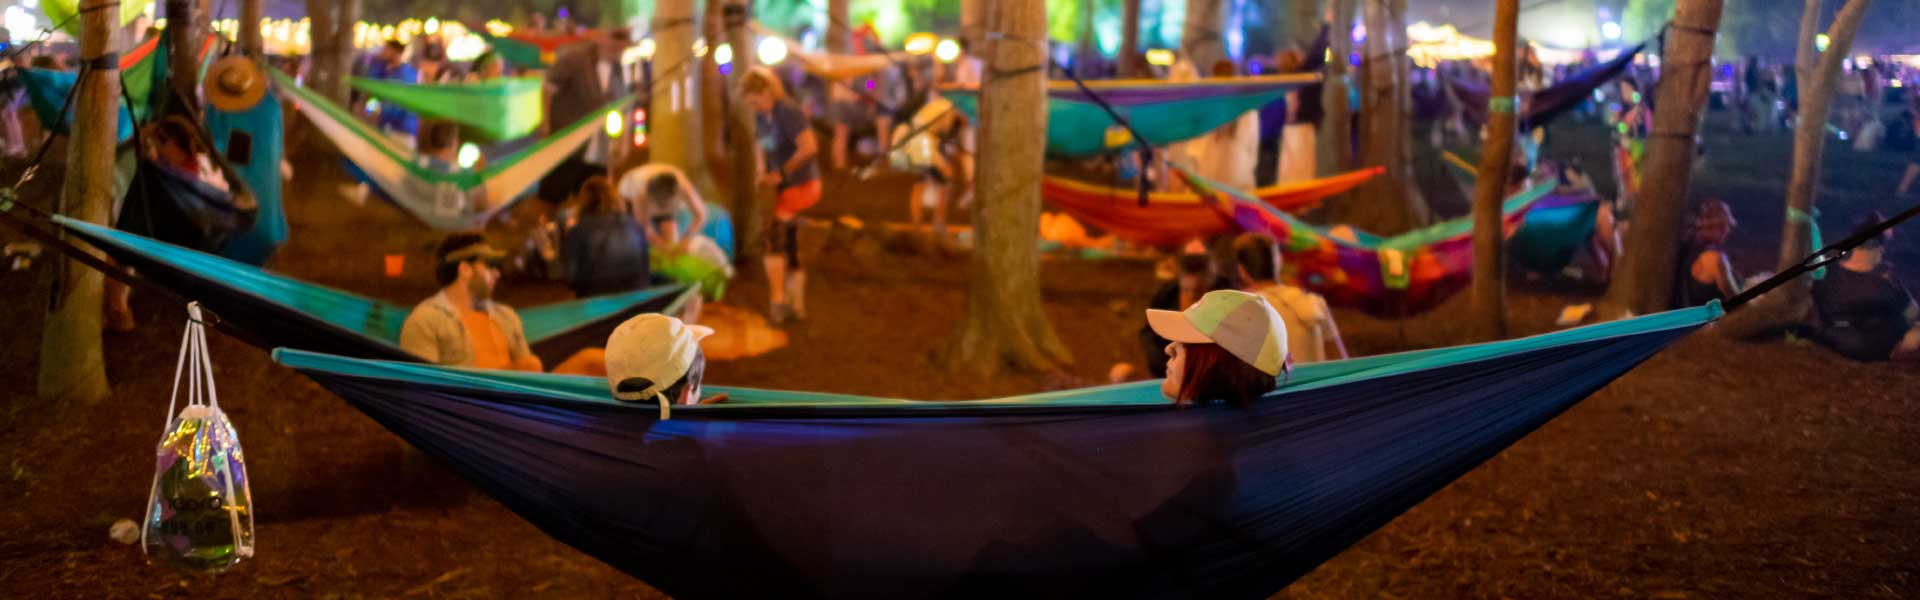 Festival goers in hammock